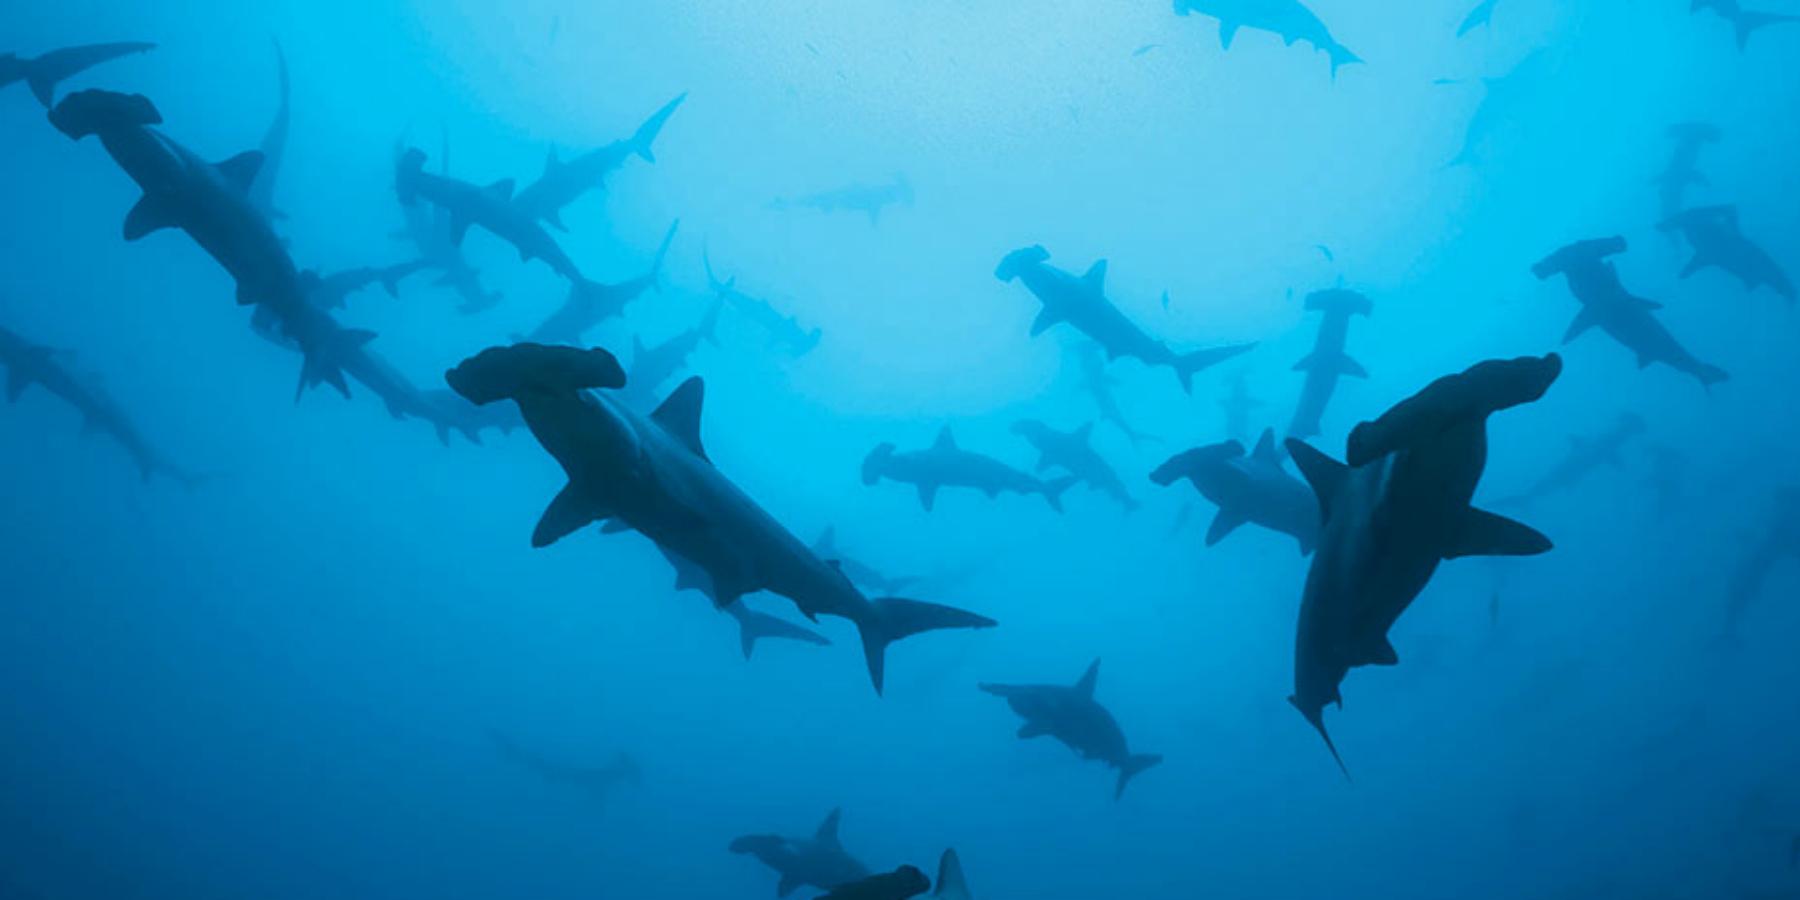 requins marteaux - Une croisière au Soudan sur les traces des requins